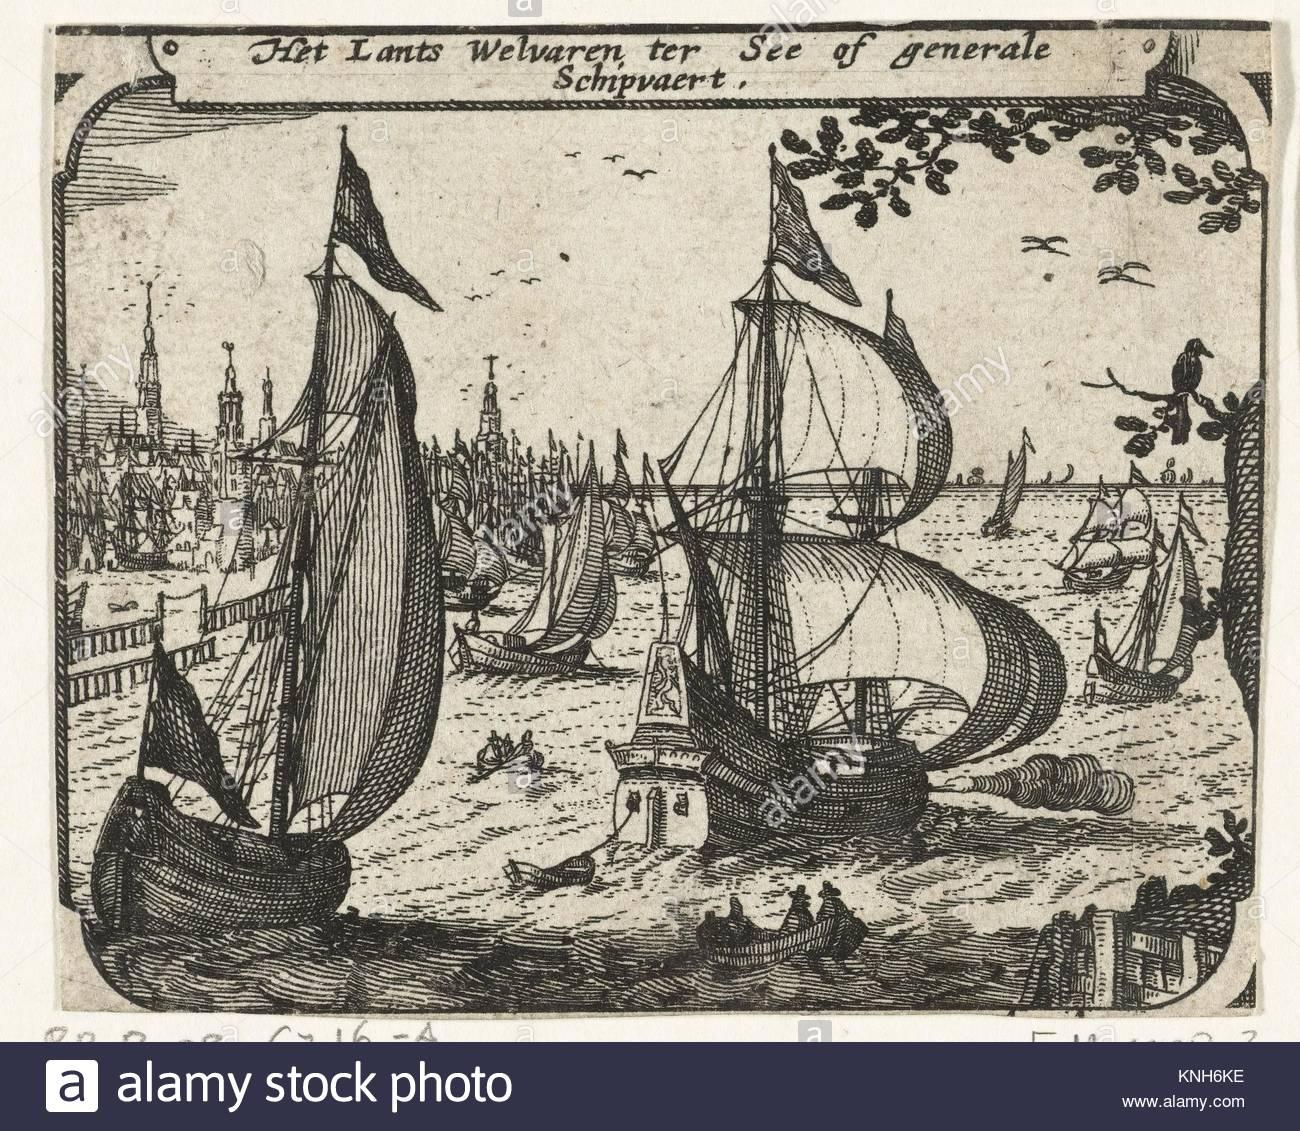 The merchant navy  ca. 1600  Claes Jansz. Visscher (II), 1608 - 1610 - Stock Image